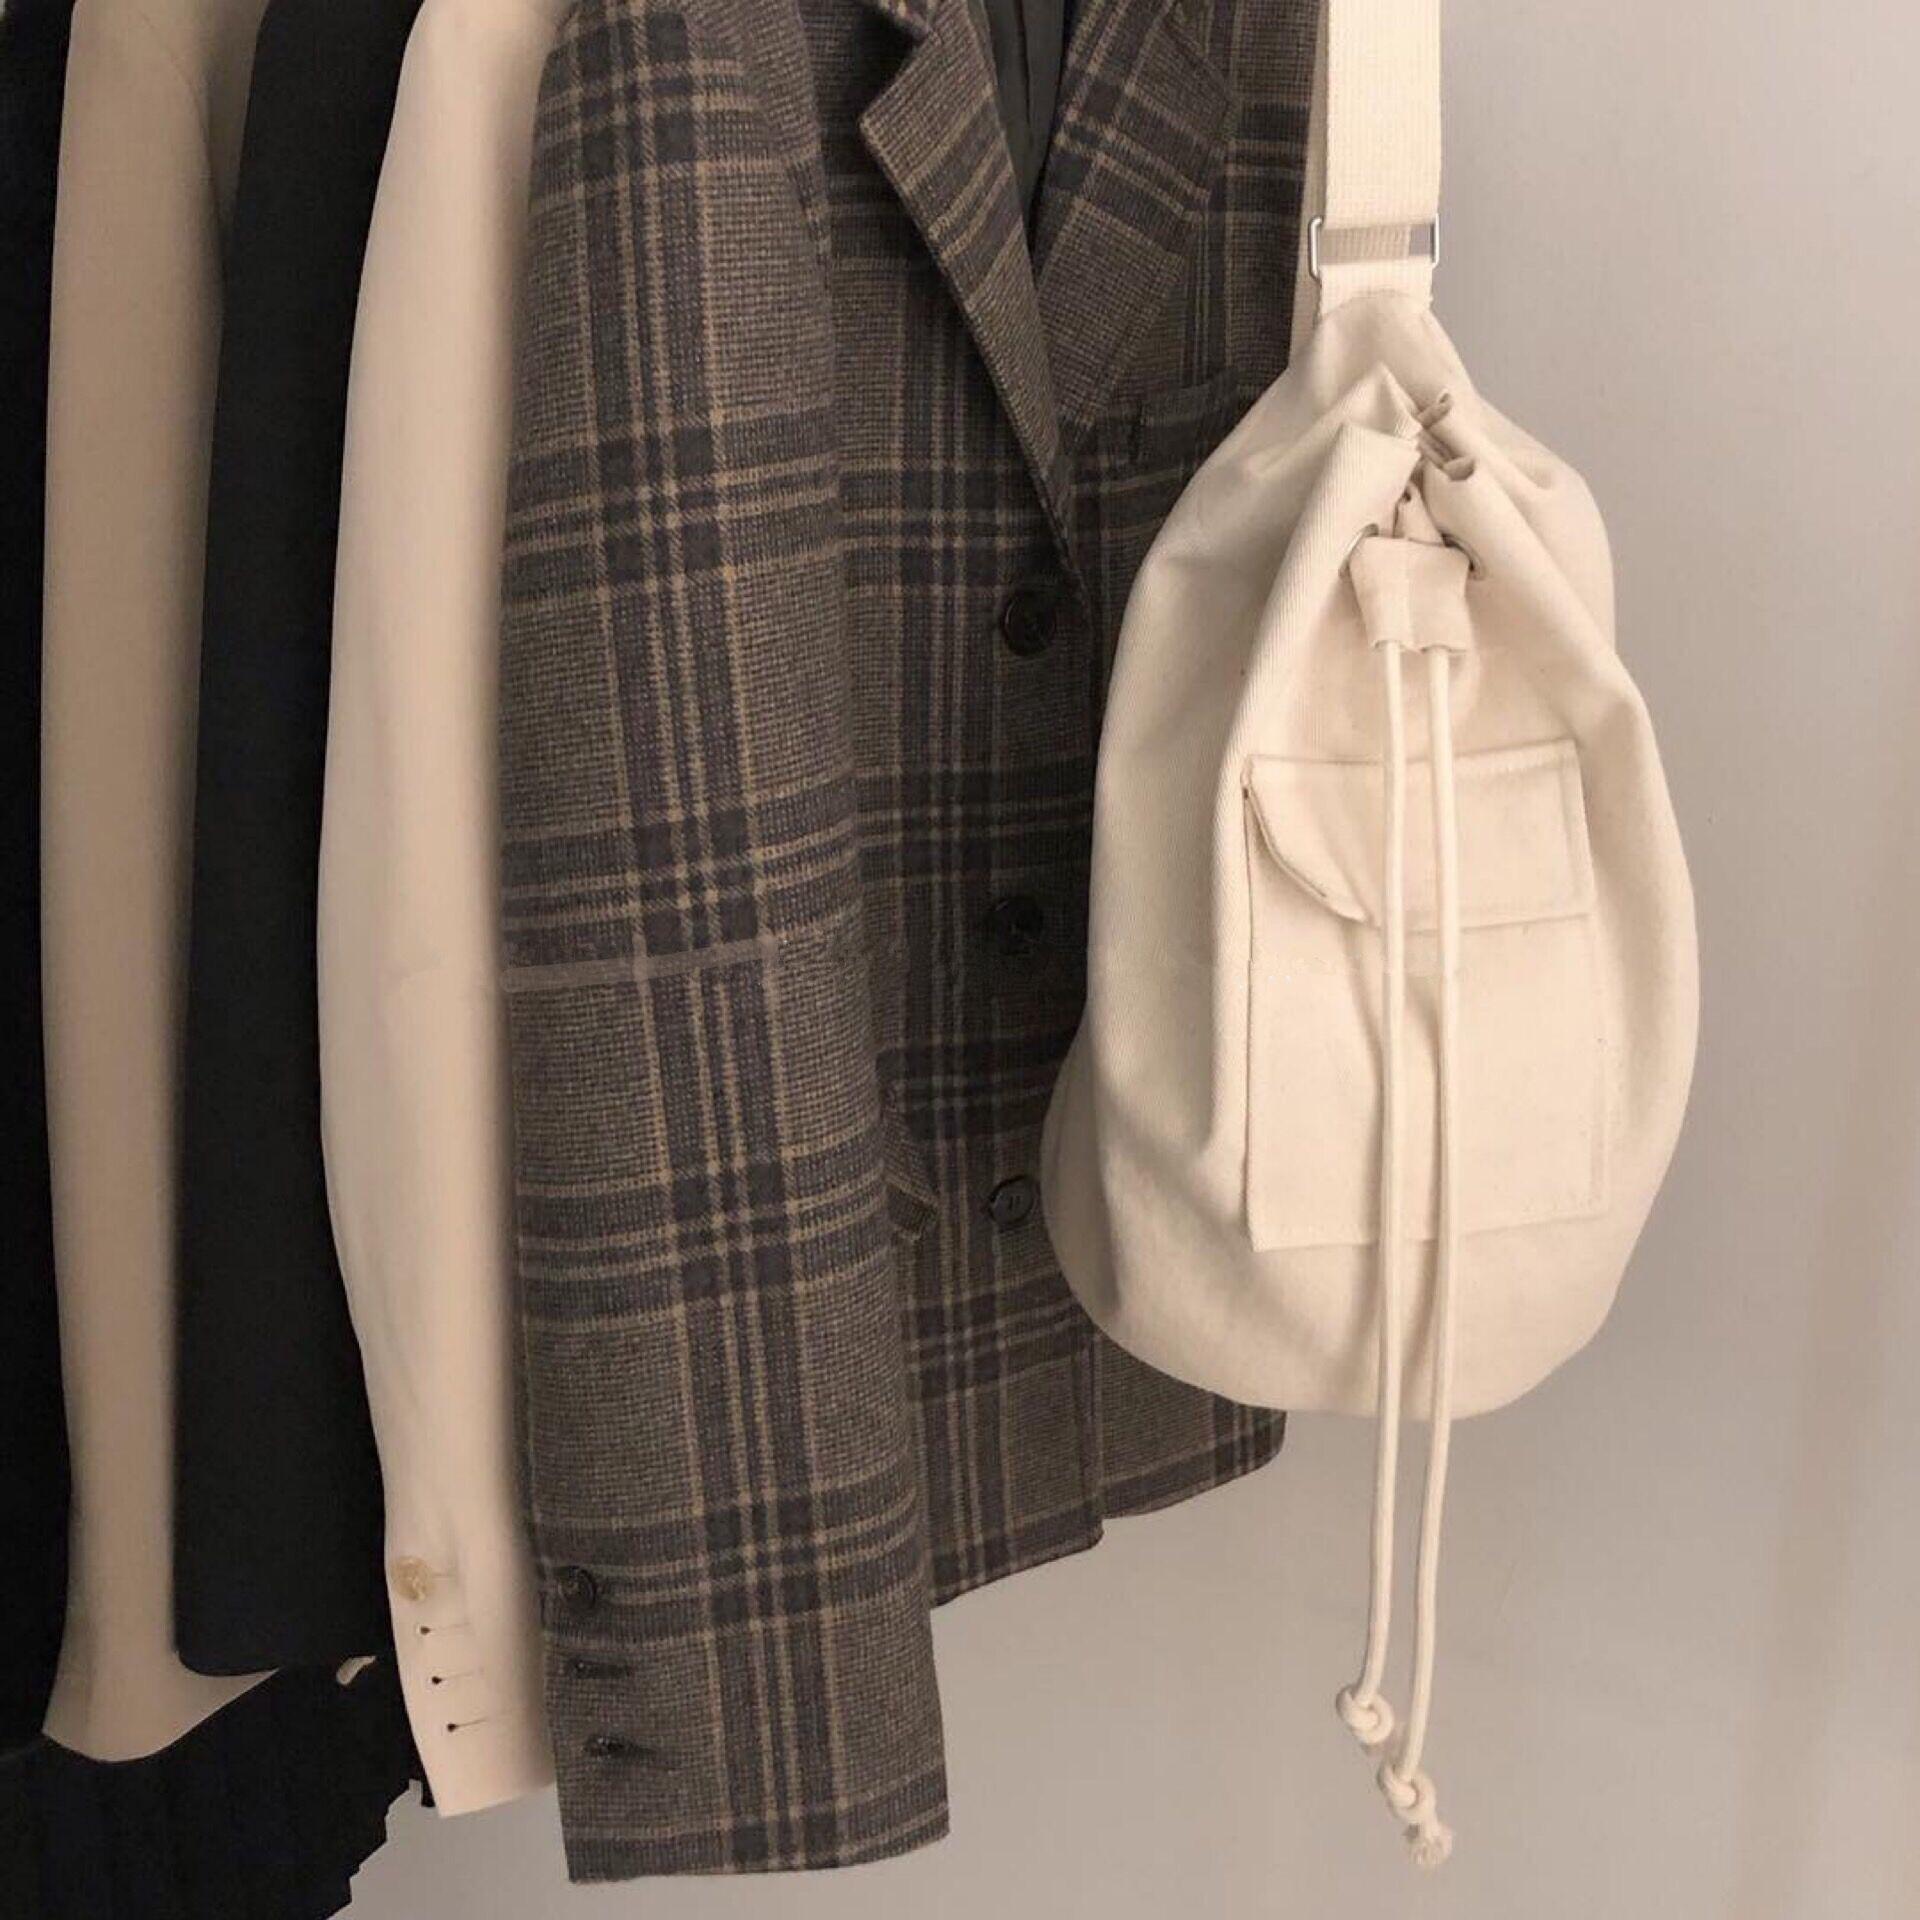 Стильное ведро плечо через плечо Сумка мессенджера квадратные сумки оптом женские универсальные повседневные карманные холст-дизайнеры Drawstring B PRMS